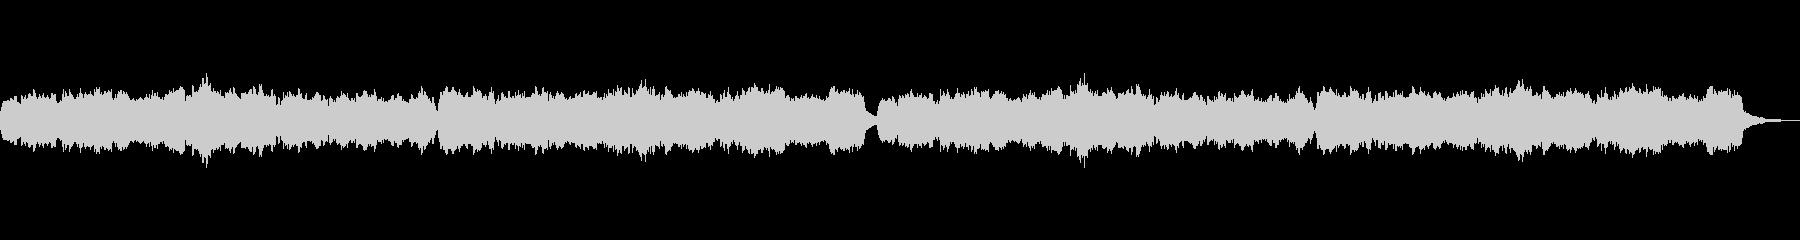 チェロとチェレスタの優しいオルゴール風の未再生の波形